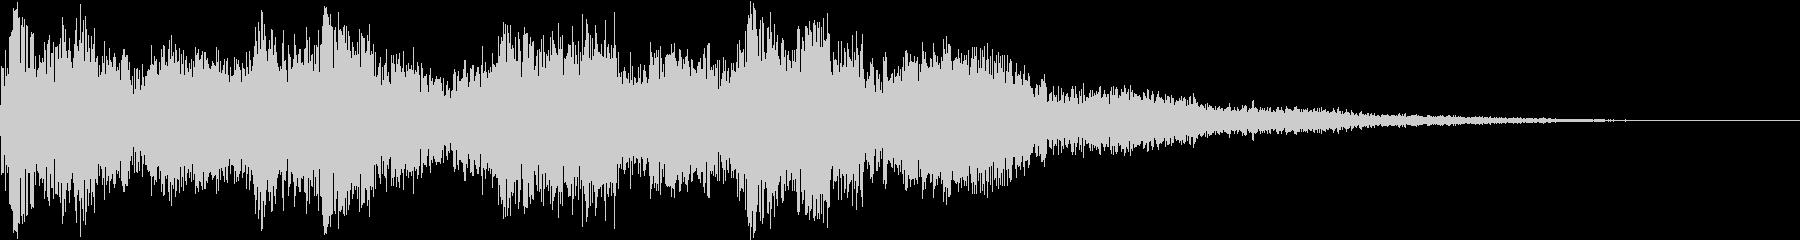 キュイン ピコン ビュイン ギュインの未再生の波形